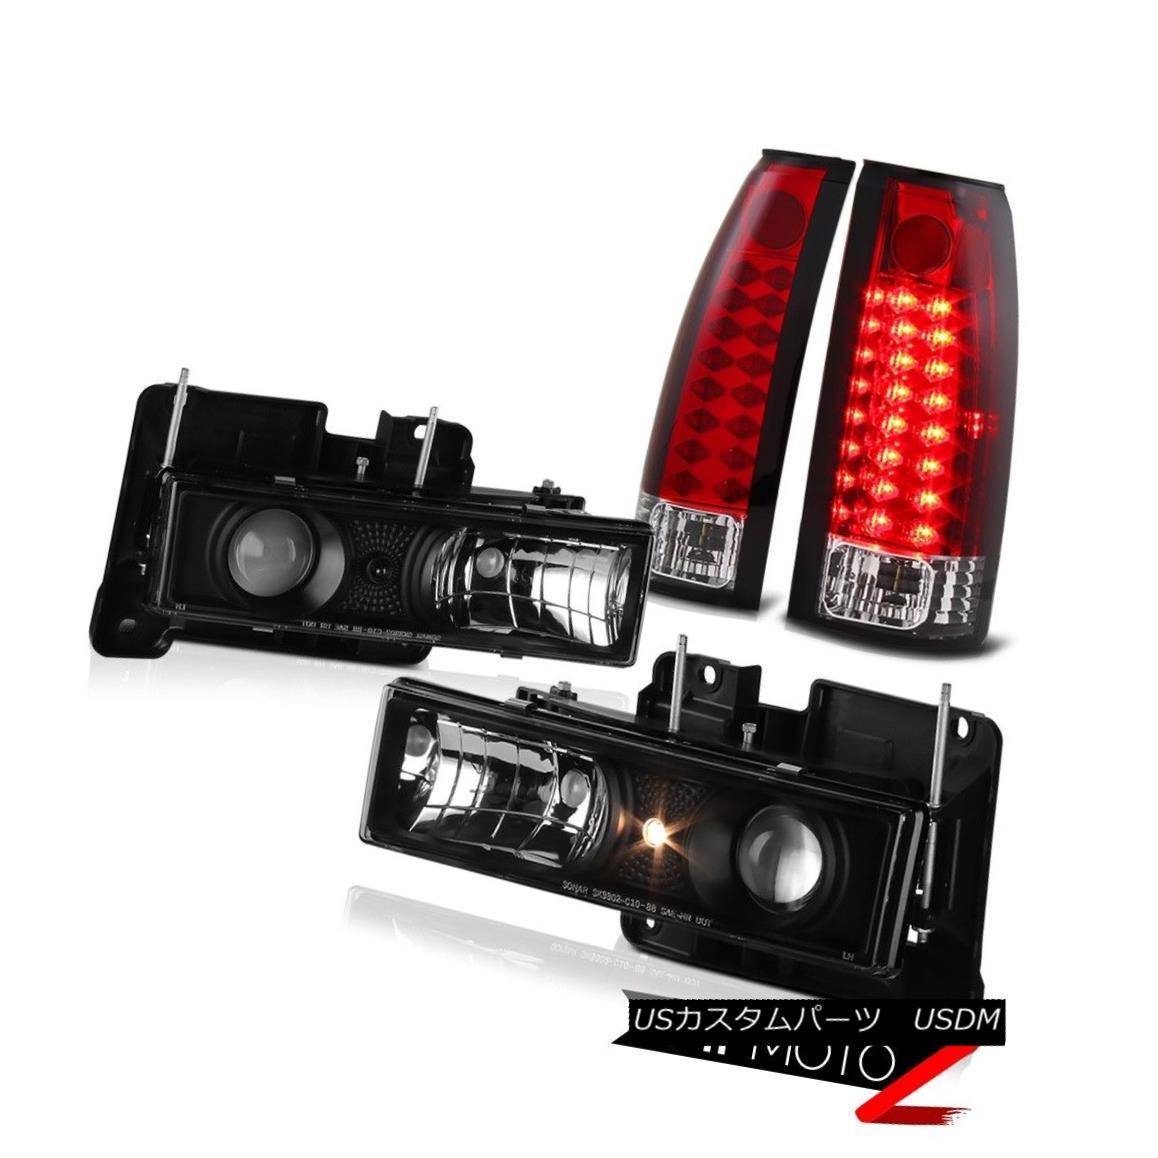 ヘッドライト BRIGHT RED LED Rear Tail Lamps+Projector Black Headlight 88-98 Chevy GMC C10 C/K BRIGHT RED LEDリアテールランプ+プロジェクター rブラックヘッドライト88-98 Chevy GMC C10 C / K